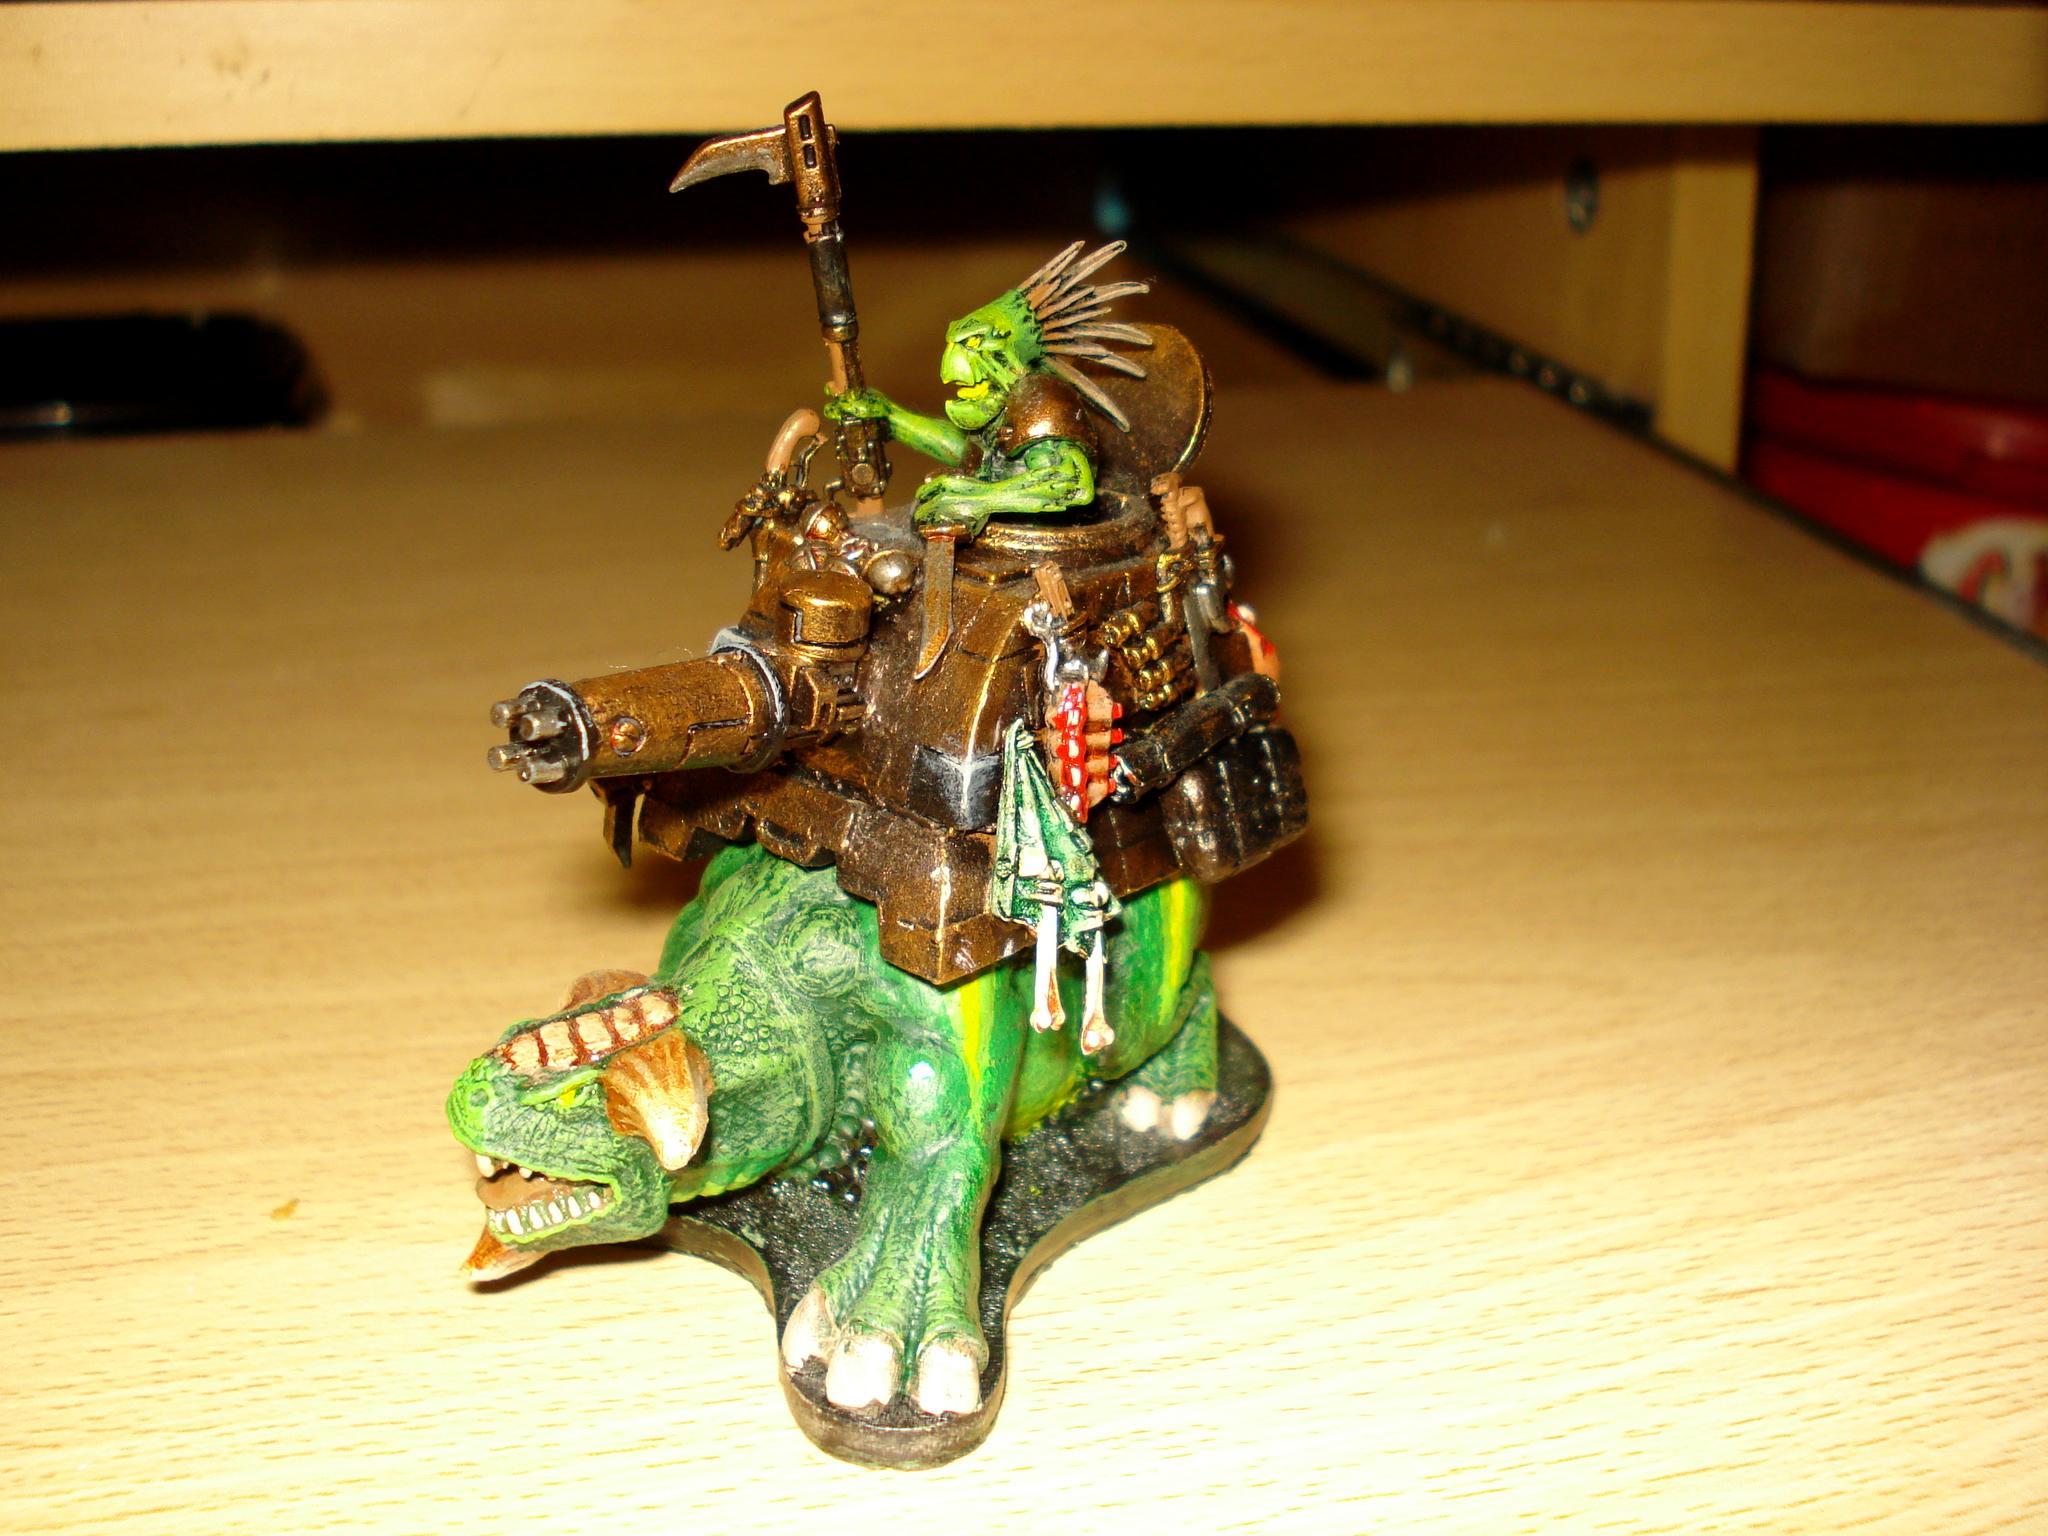 Barmy Bakers Miniatures, Kroot, Krootox, Tau, Warhammer 40,000